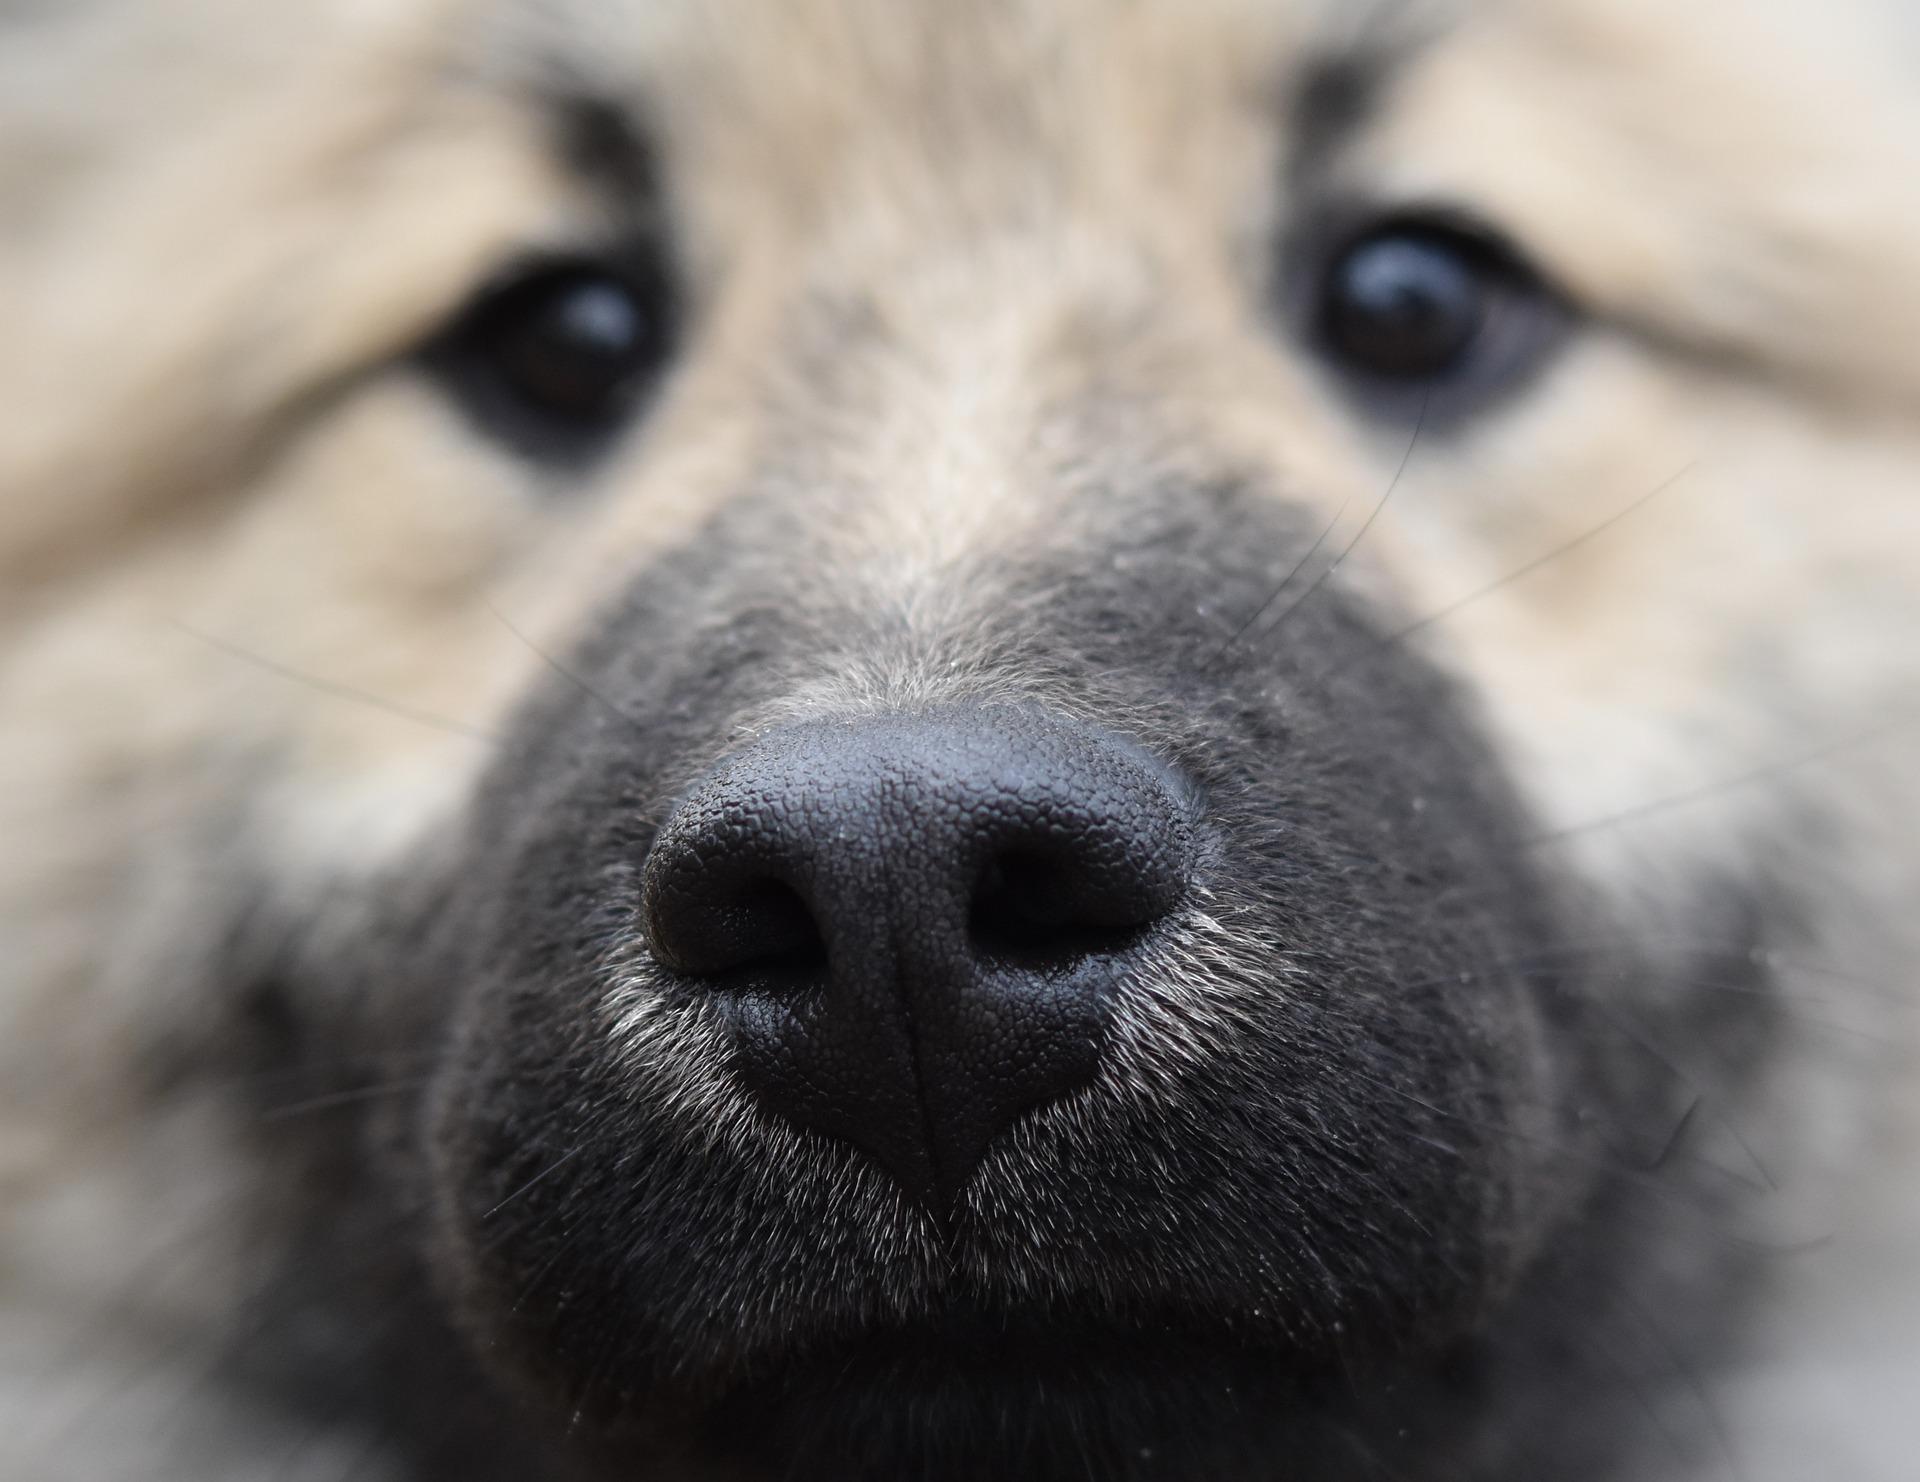 Signes inquiétants sur la truffe d'un chien